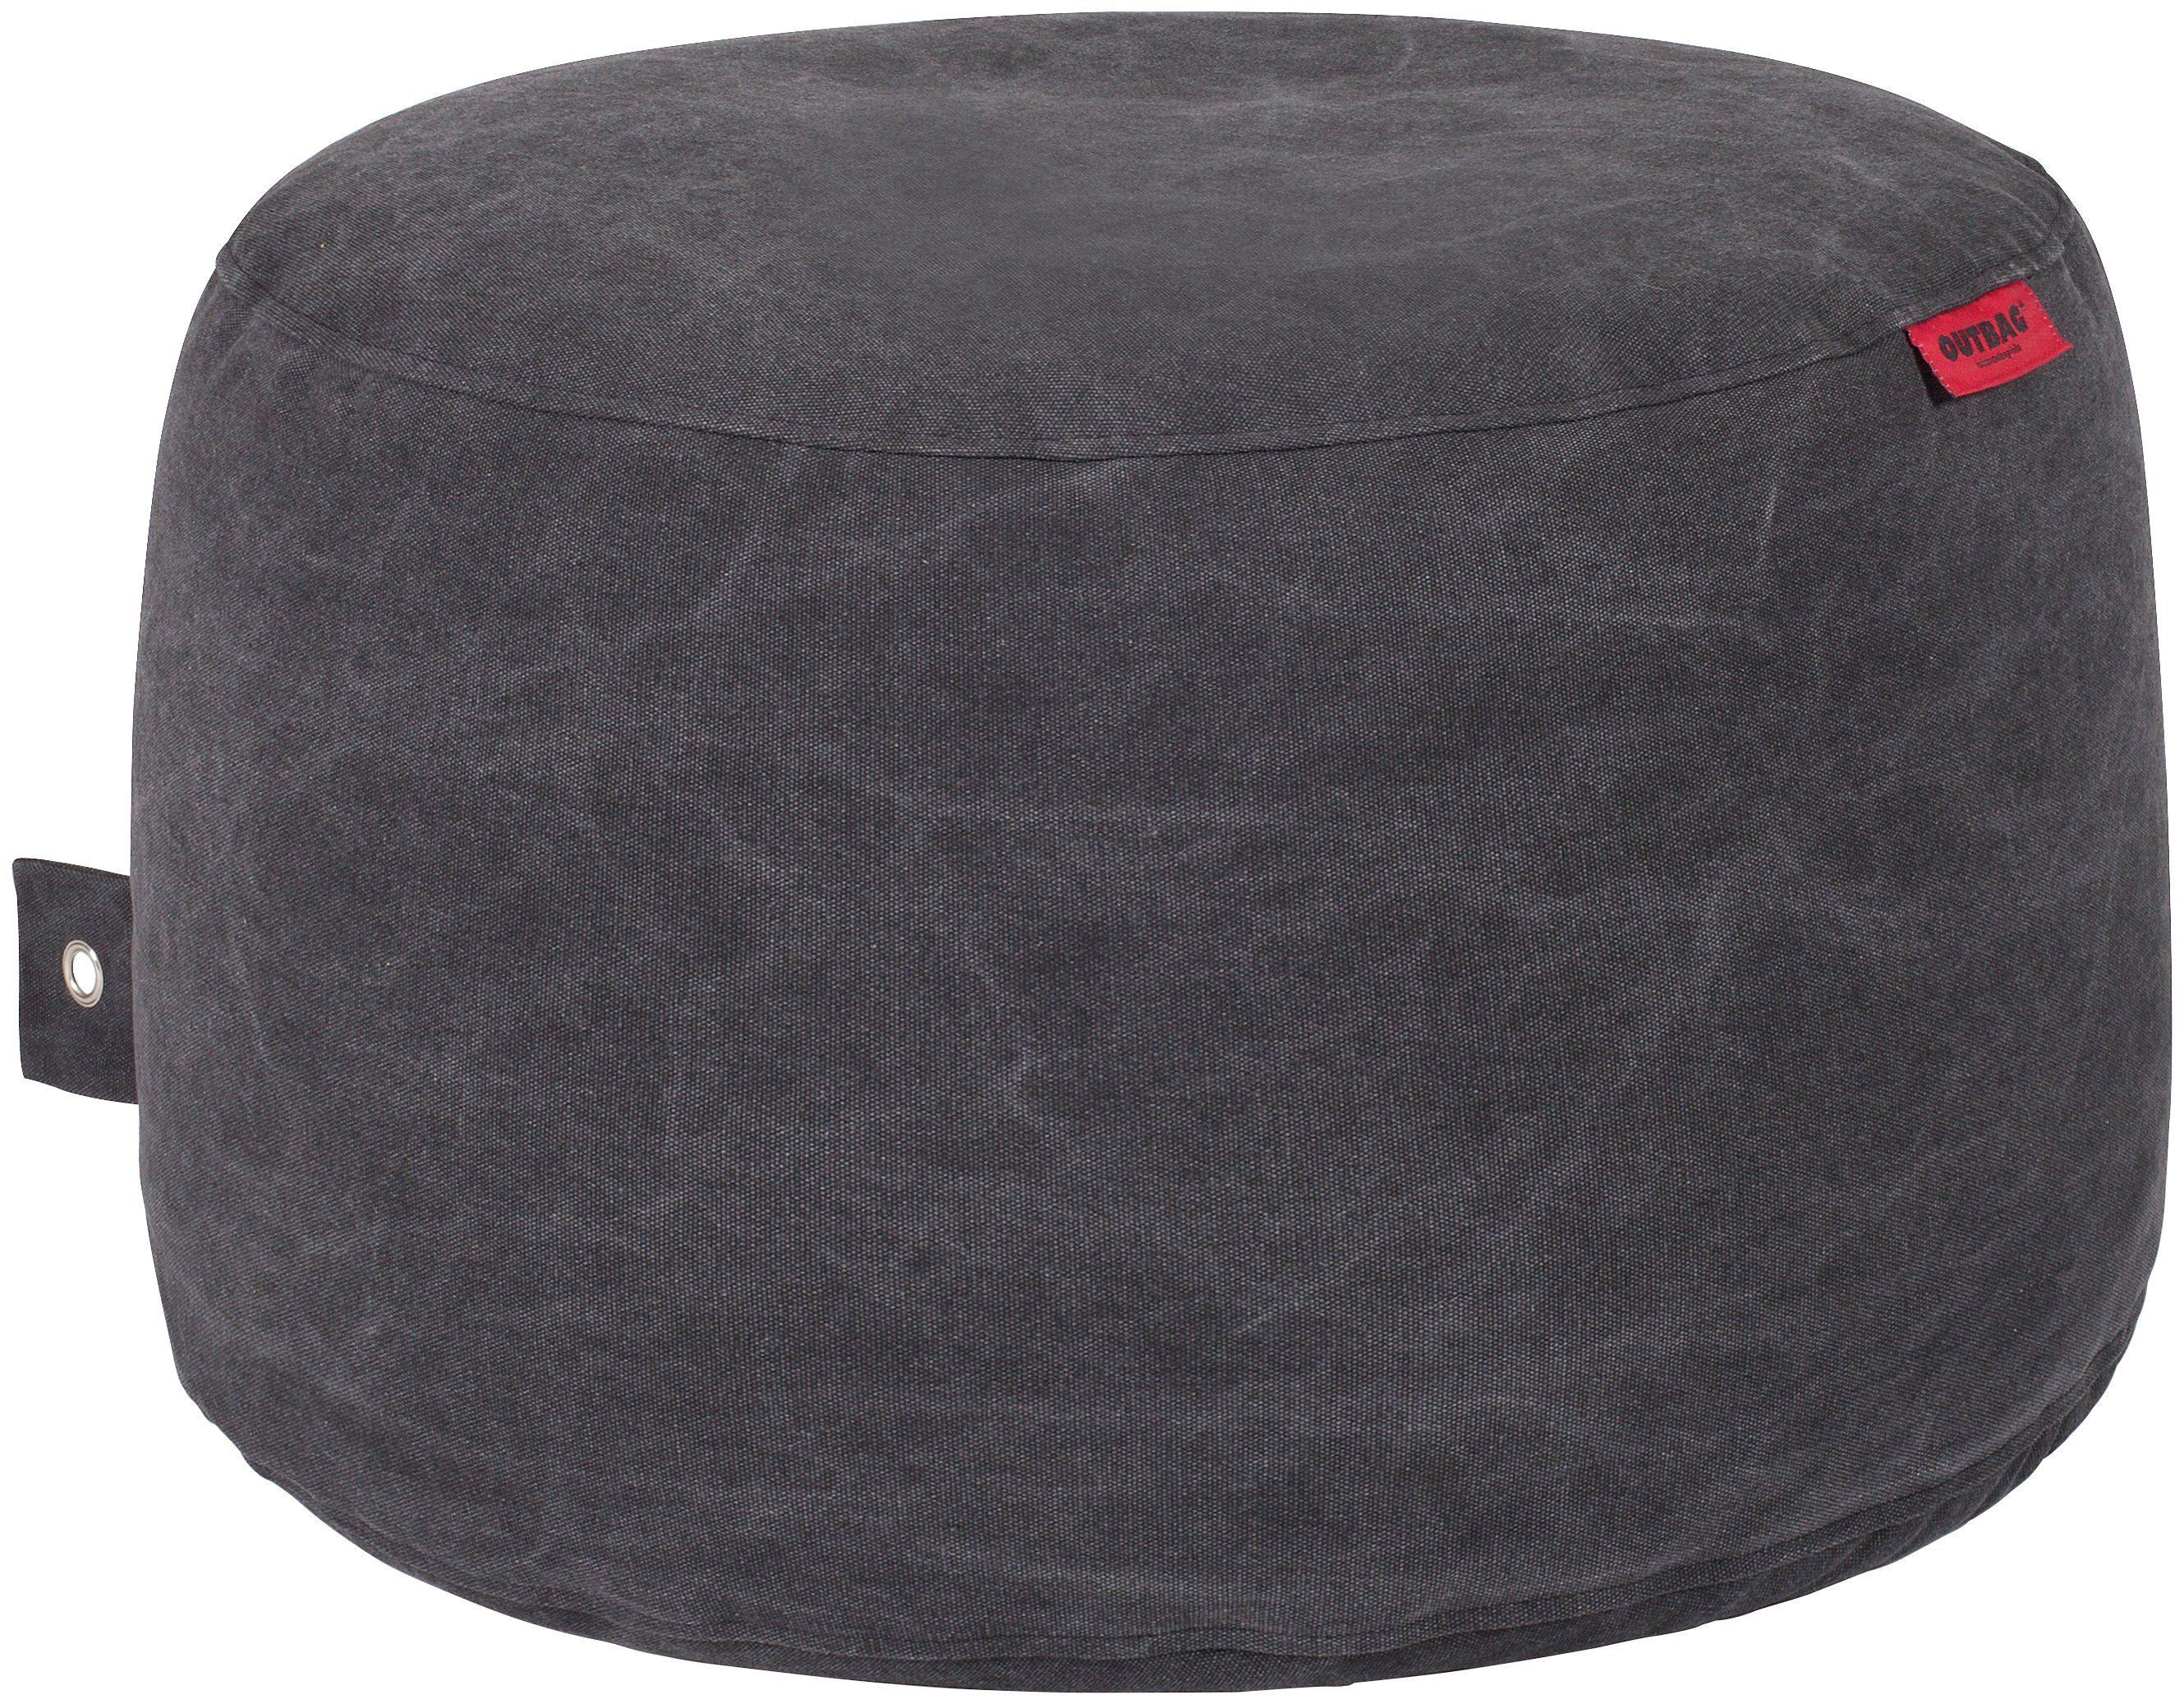 OUTBAG Sitzsack »Rock Canvas«, wetterfest, für den Außenbereich, Ø: 60 cm